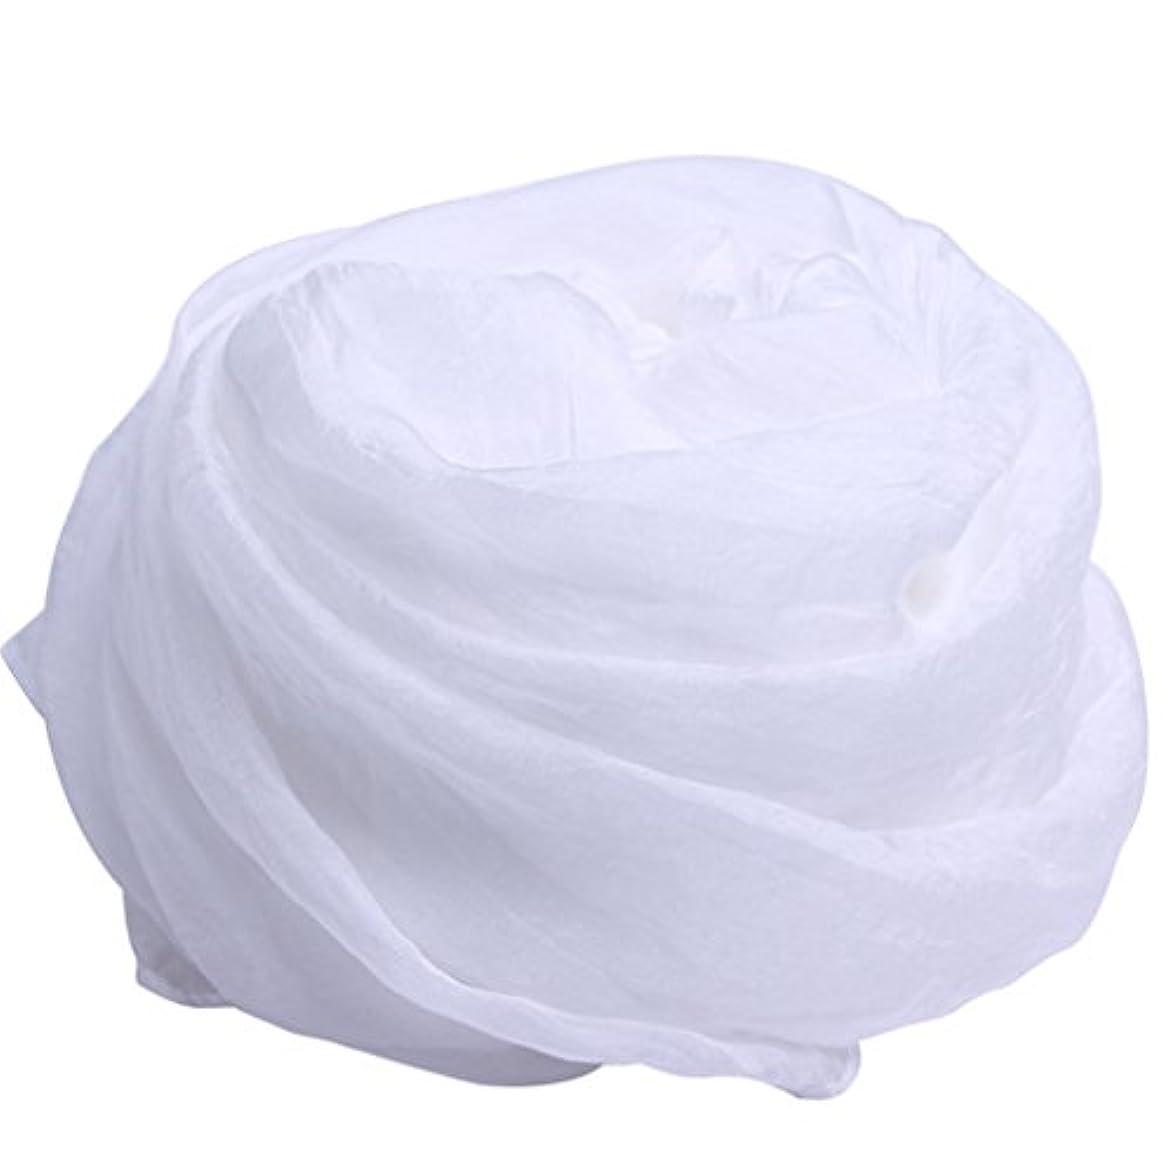 注釈を付ける慣性家事をするレディース?ショール - 女性の白いシルクスカーフ2018ワイルドシフォンマフラーロングセクションピュアカラーラージスクエアスカーフ抗UV日焼け止めビーチタオル春と夏 家の装飾 ( サイズ : 150*150cm )